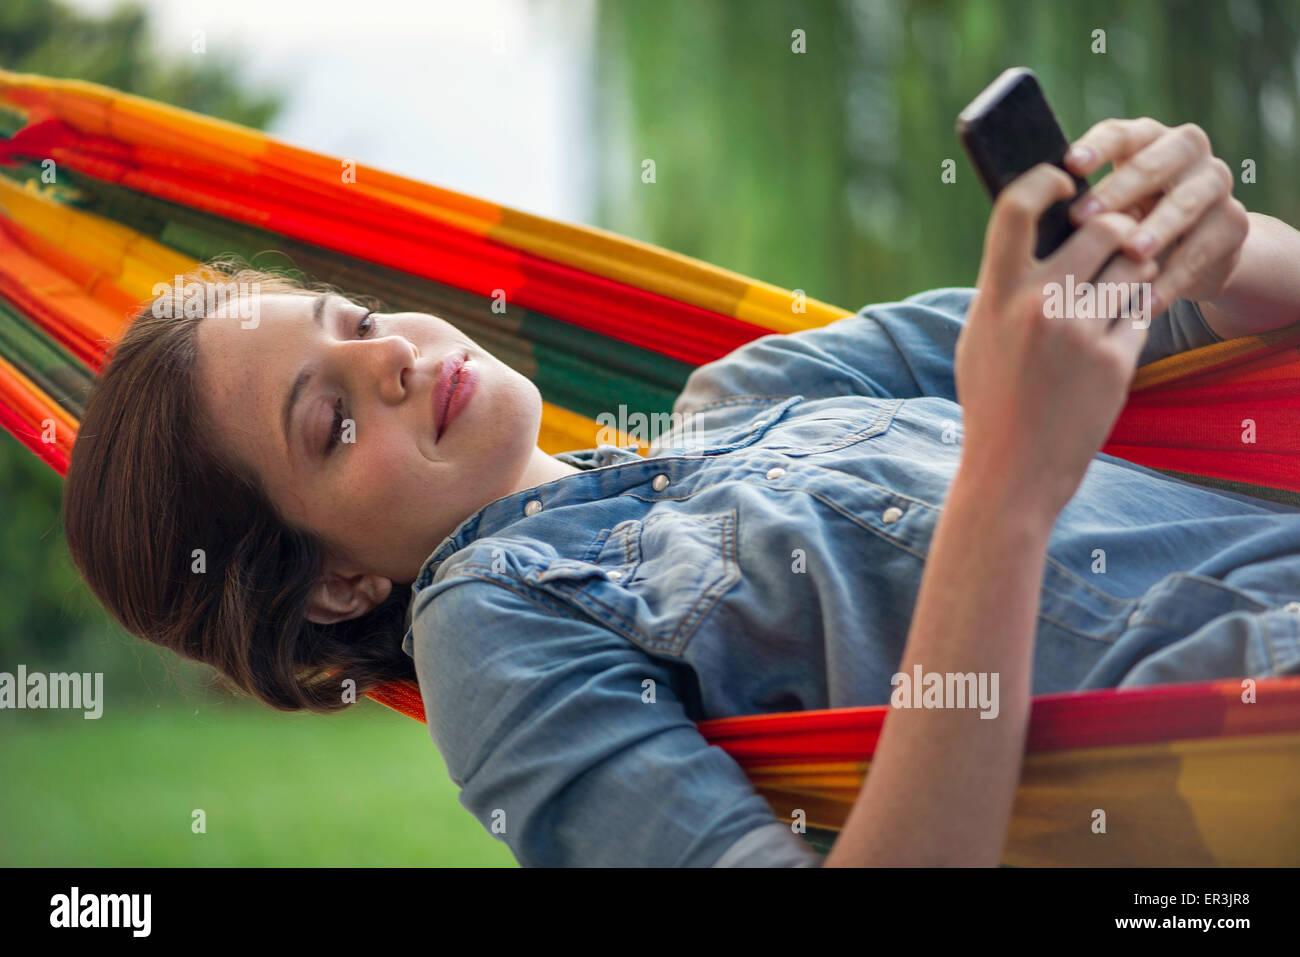 Mujer descansando en una hamaca con el smartphone Imagen De Stock